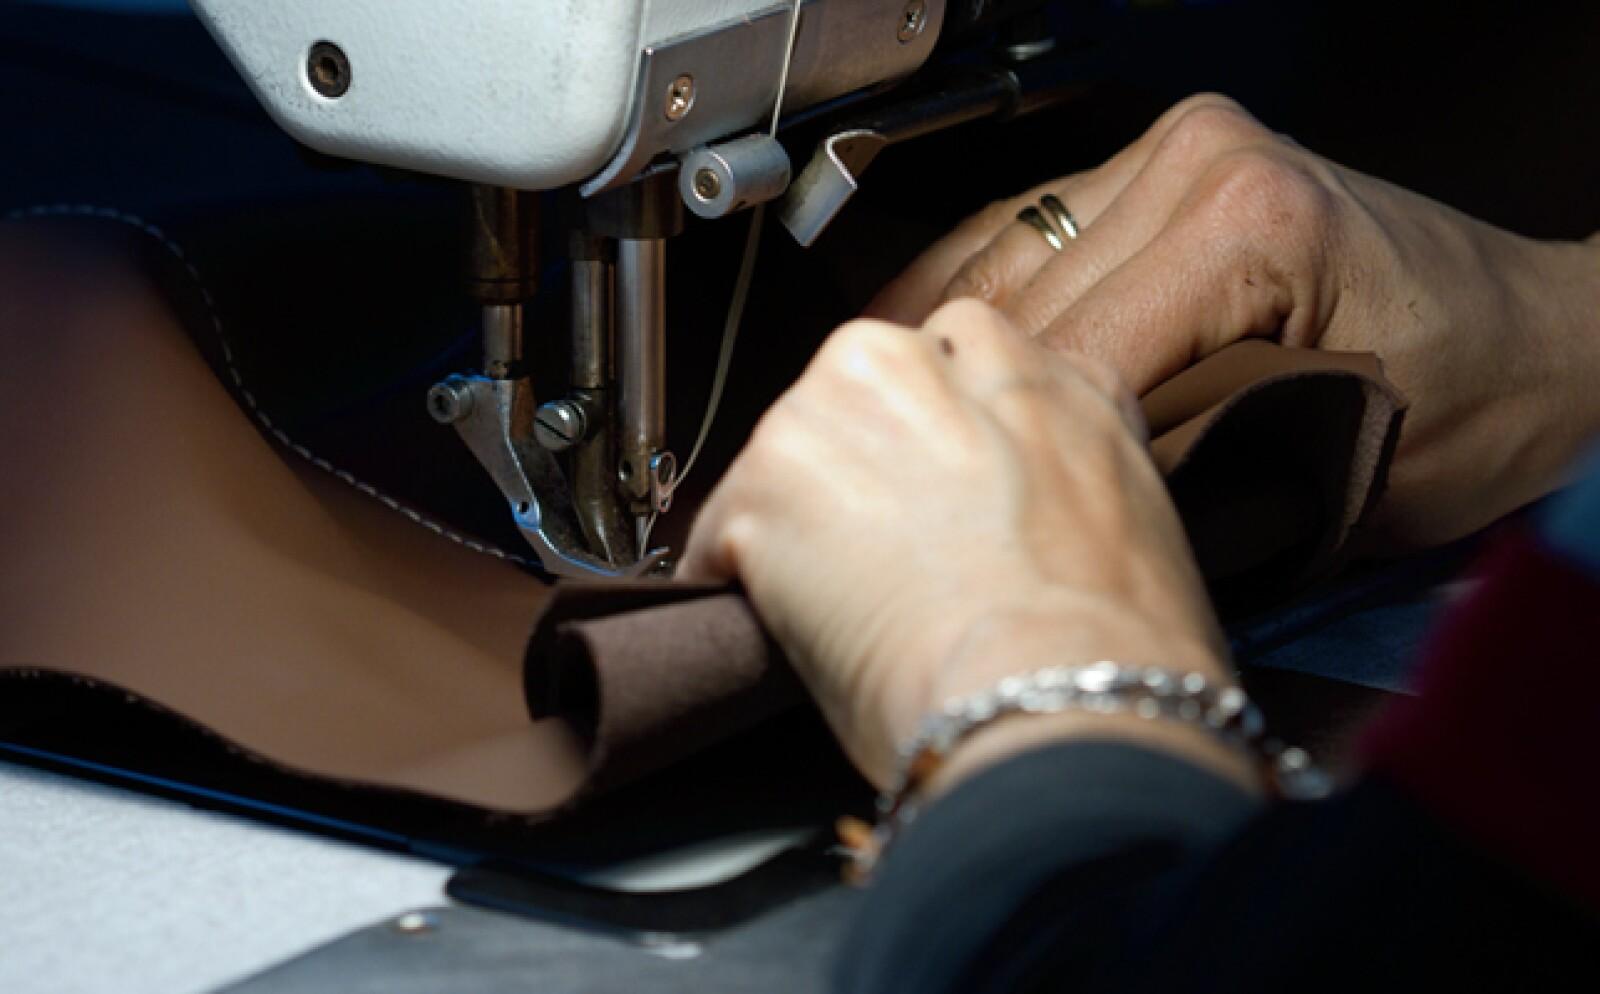 En la fábrica se combinan operaciones muy industrializadas con el trabajo 100% manual del cuero para los interiores. Cada Ferrari es tapizado con pieles seleccionadas cuidadosamente, que luego son cocidas con un acabado homogéneo.